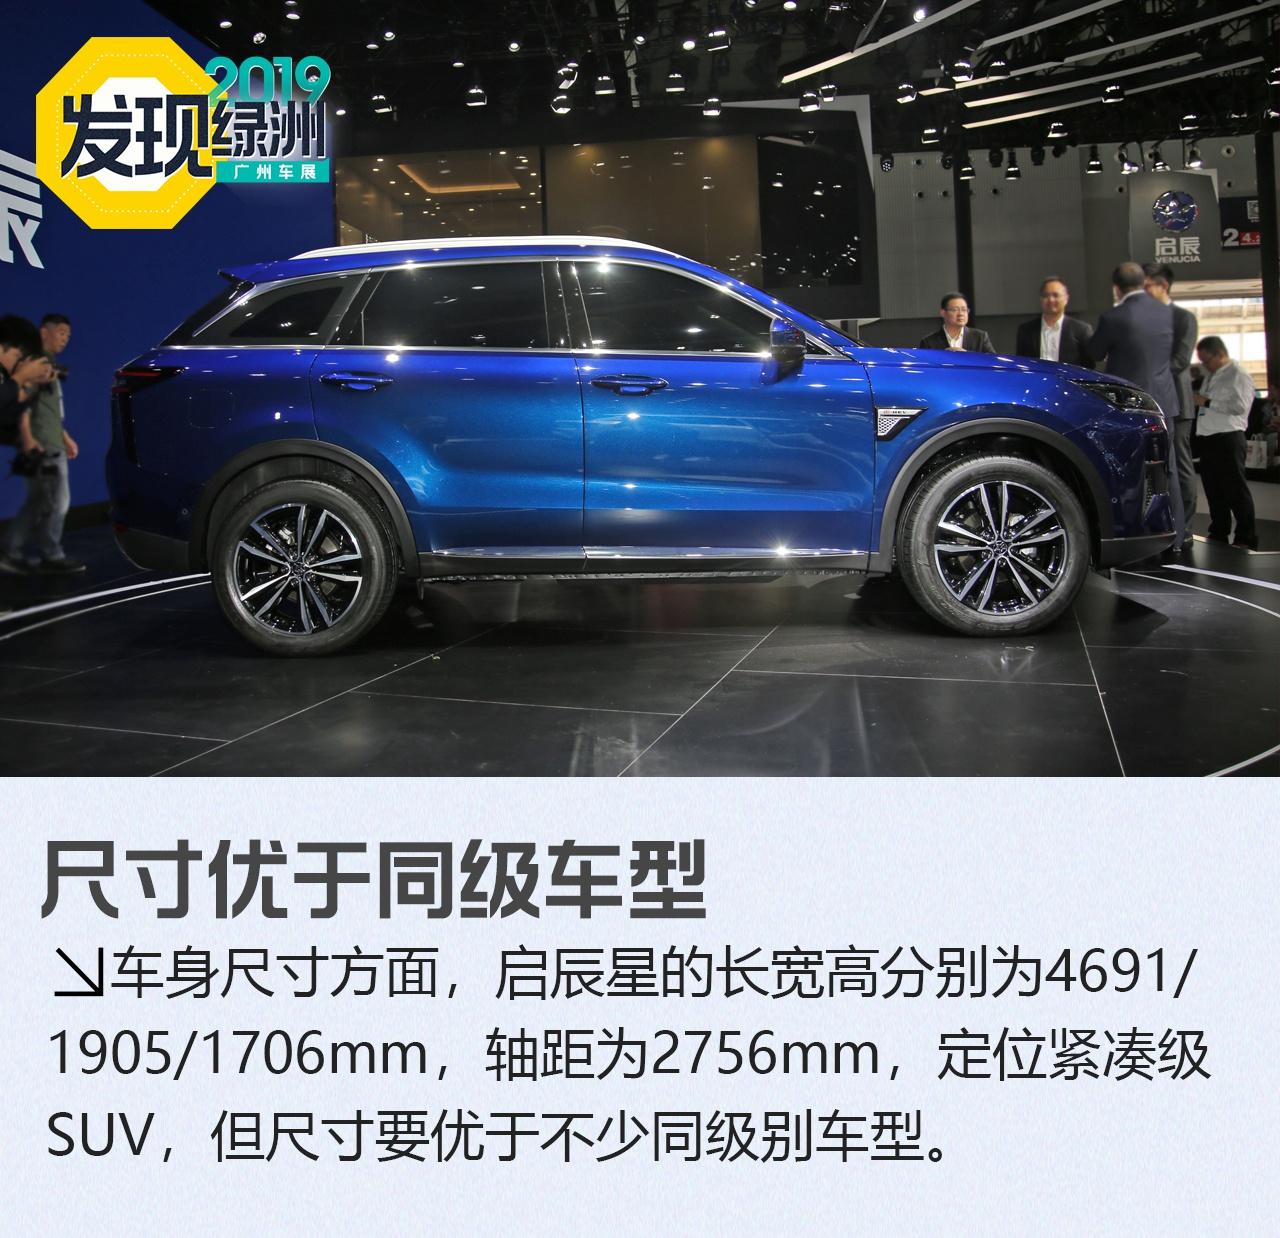 2019广州车展:东风启辰星全新SUV新车解析